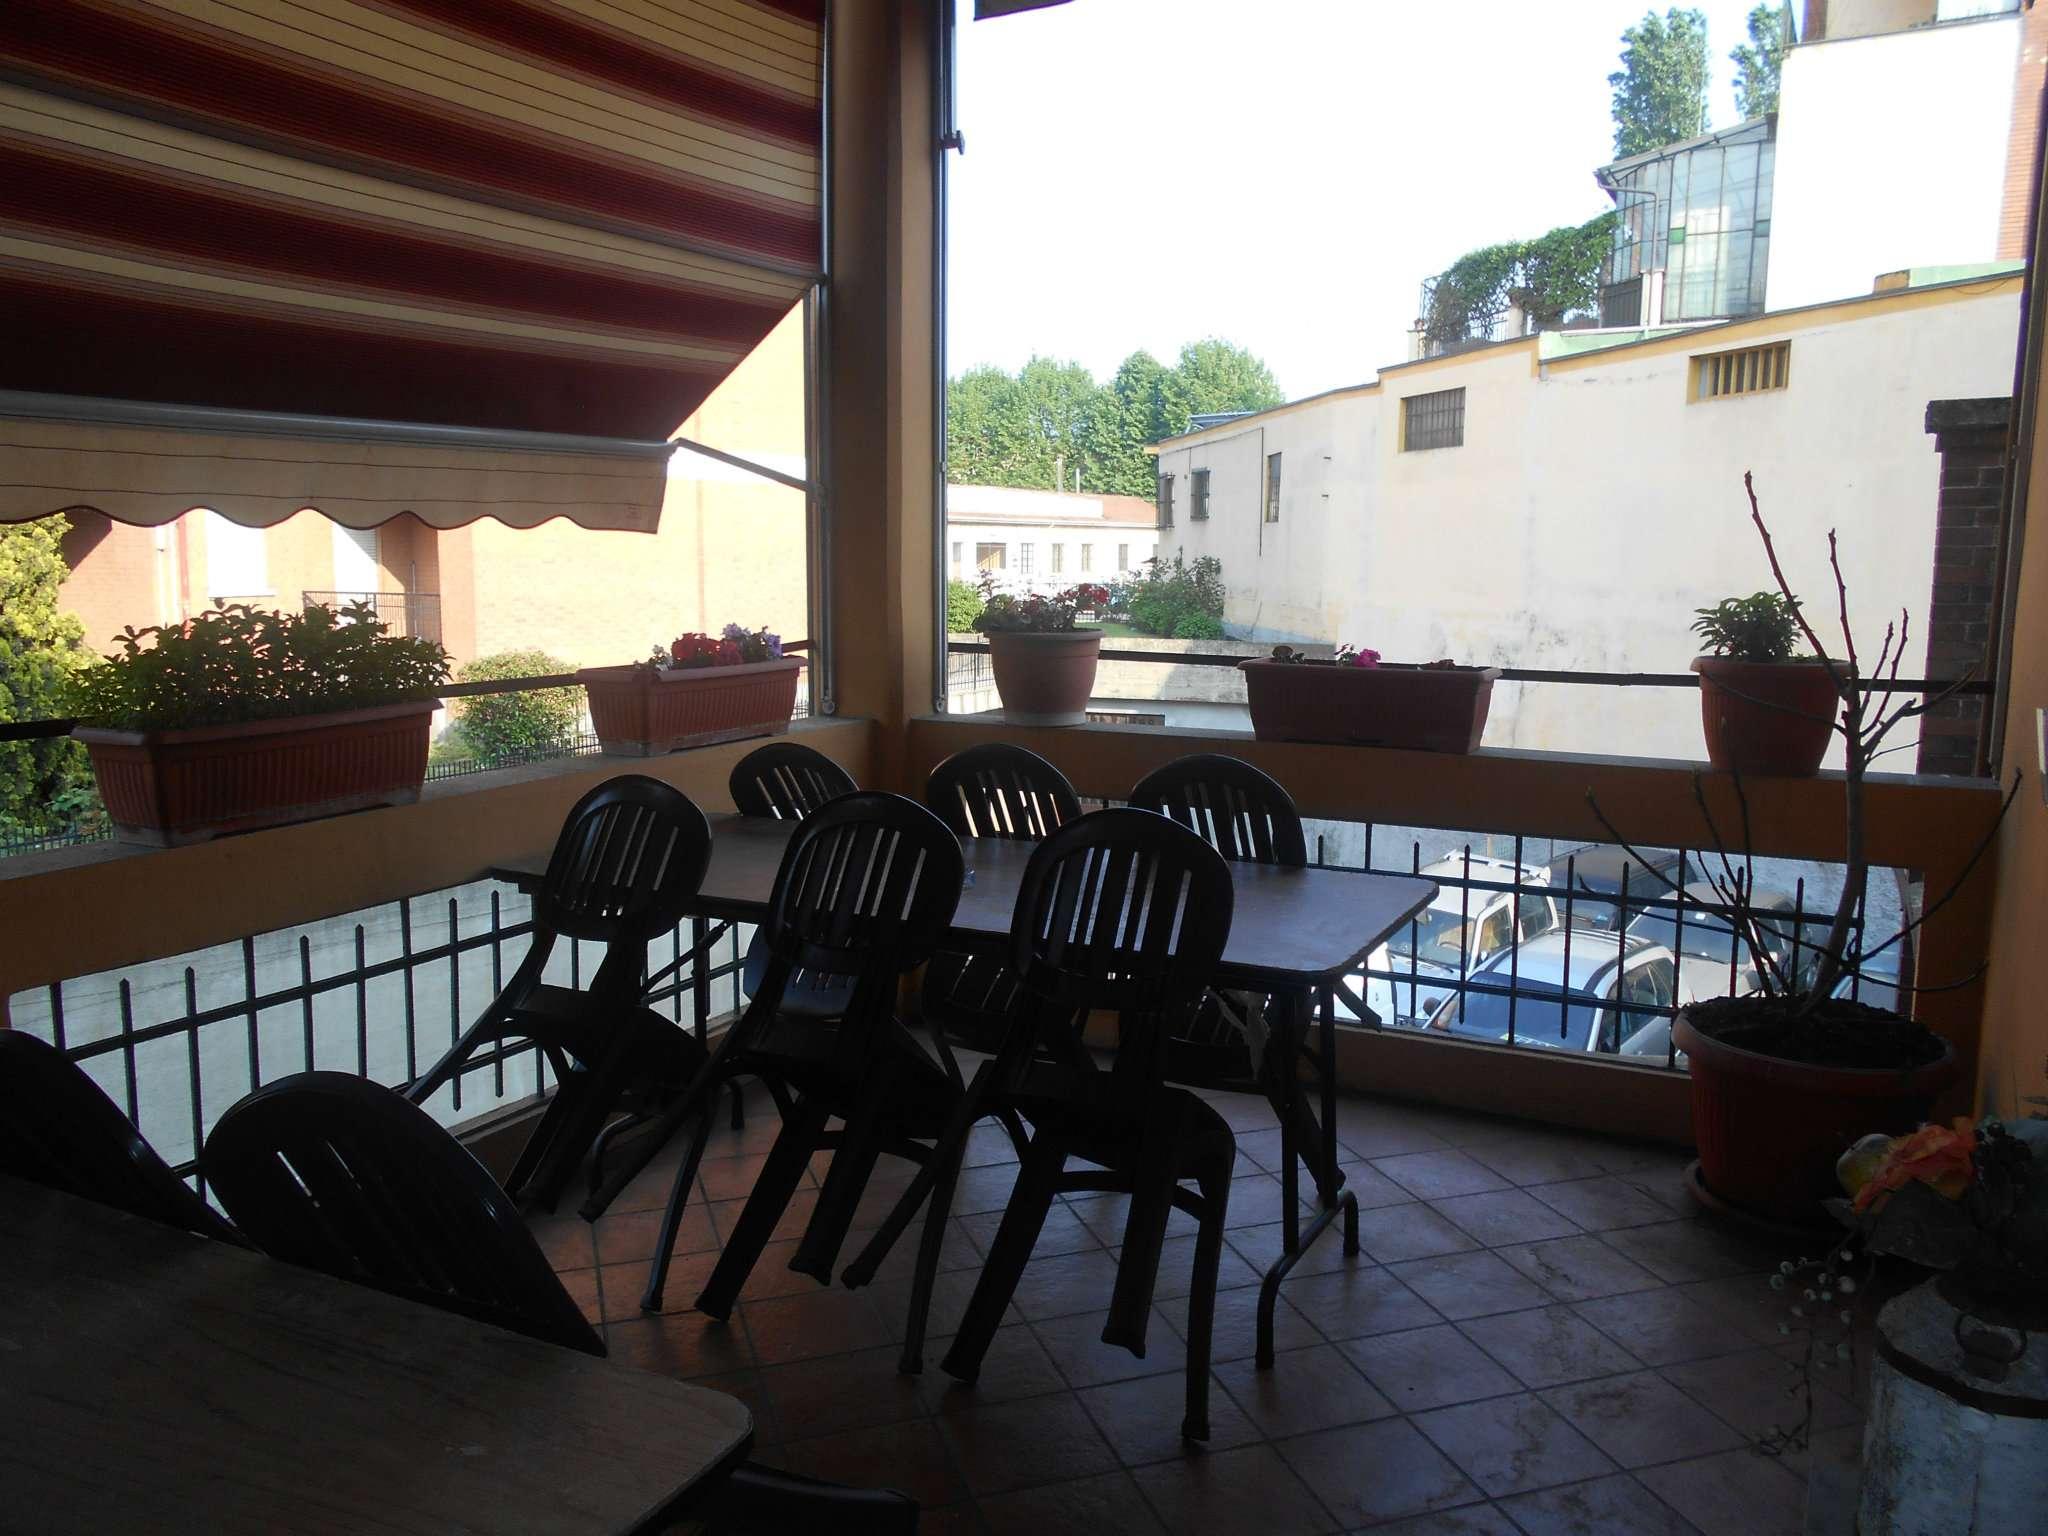 Ristorante / Pizzeria / Trattoria in vendita a Moncalieri, 10 locali, prezzo € 130.000 | CambioCasa.it